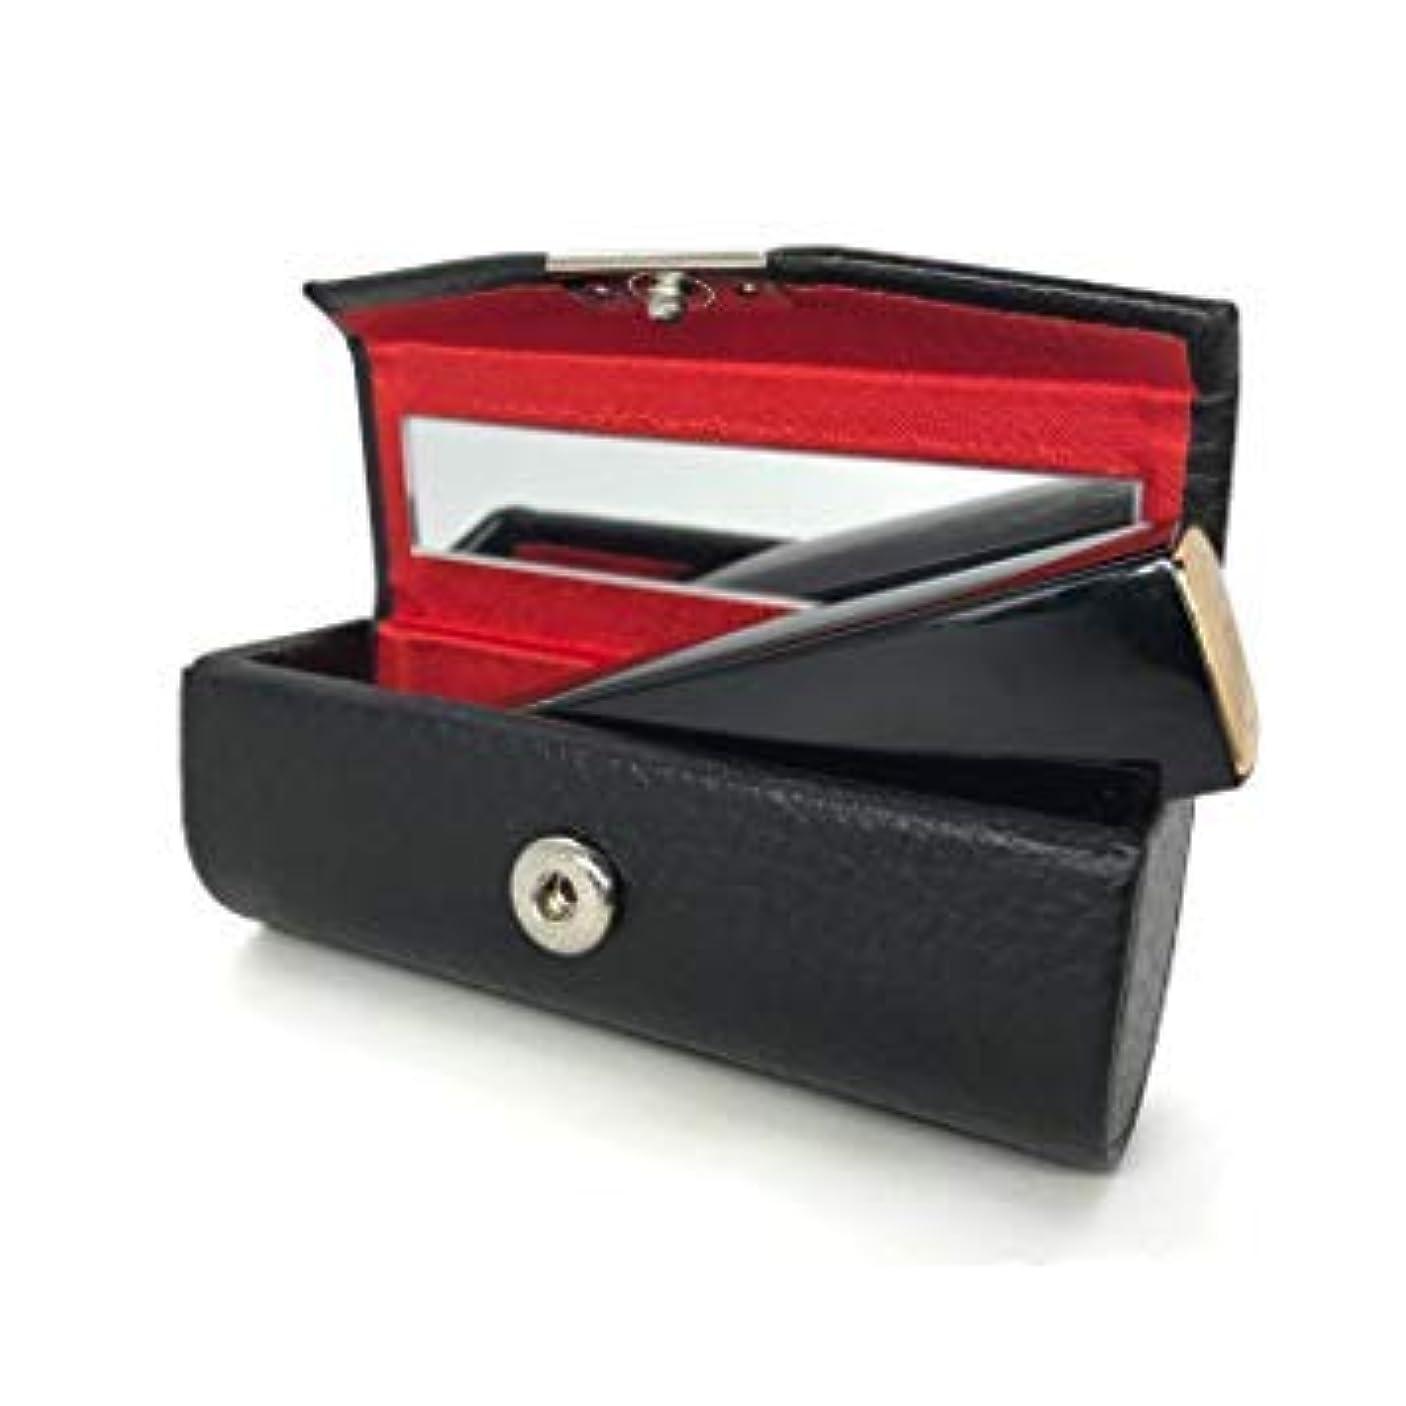 手書き一貫した居眠りするAifusi 財布口紅ホルダー、 ジュエリー収納、粧品収納用ミラーオーガナイザーバッグ付きレザースモールリ